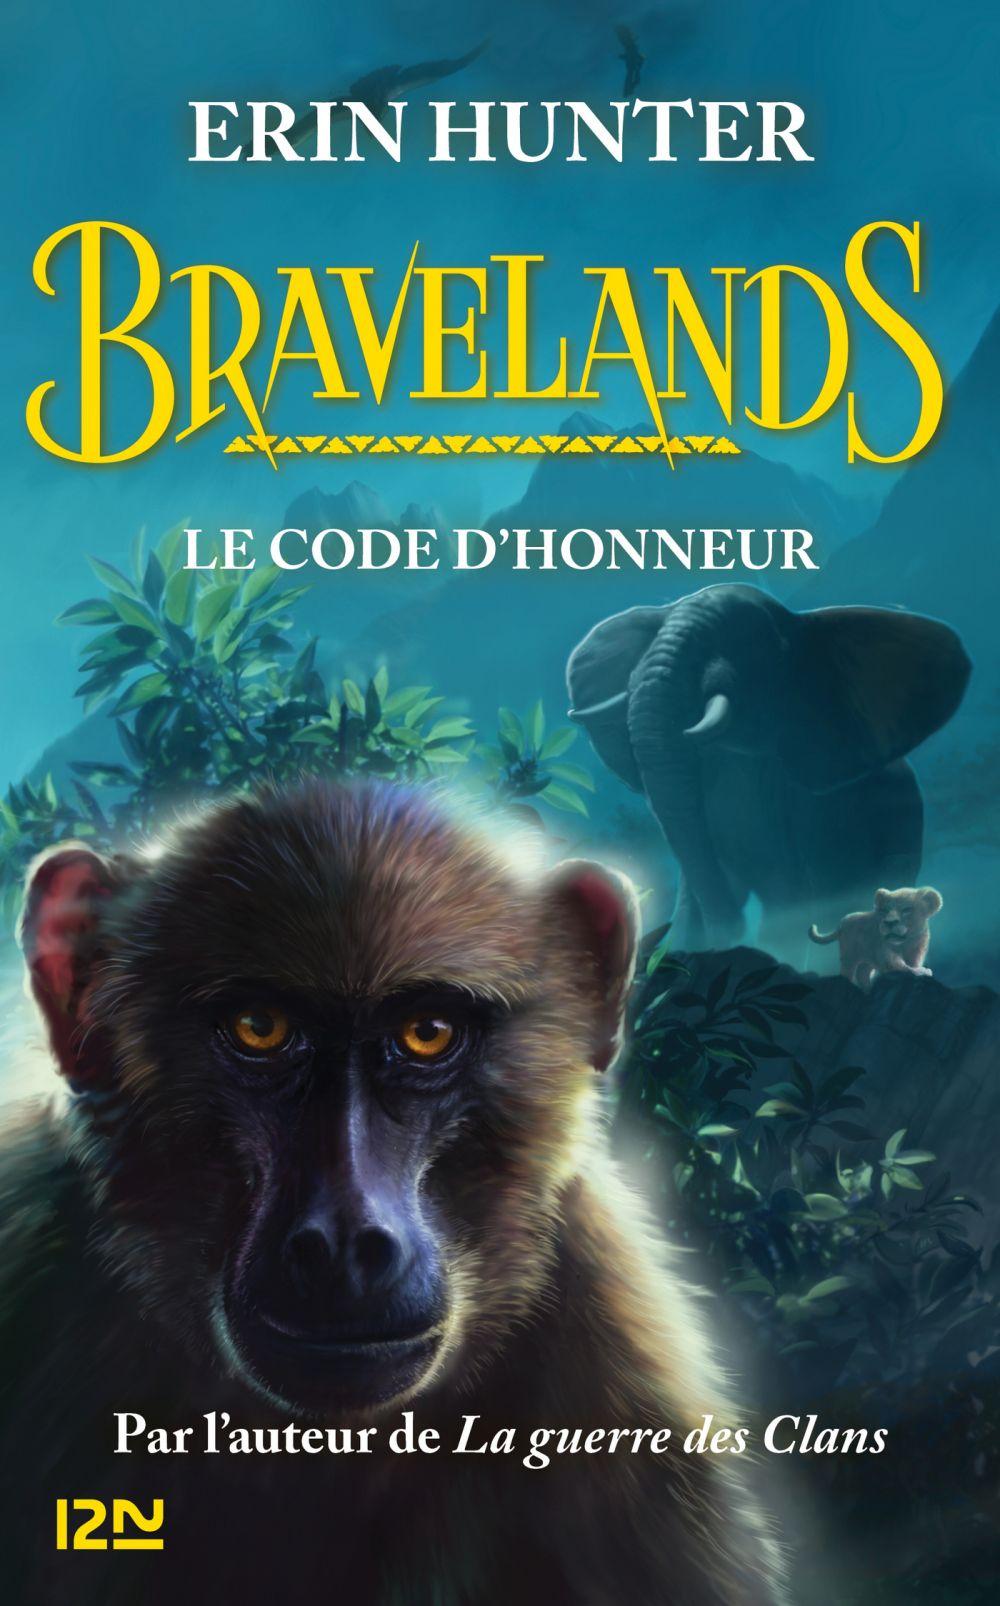 Bravelands - tome 2 : Le code d'honneur | HUNTER, Erin. Auteur